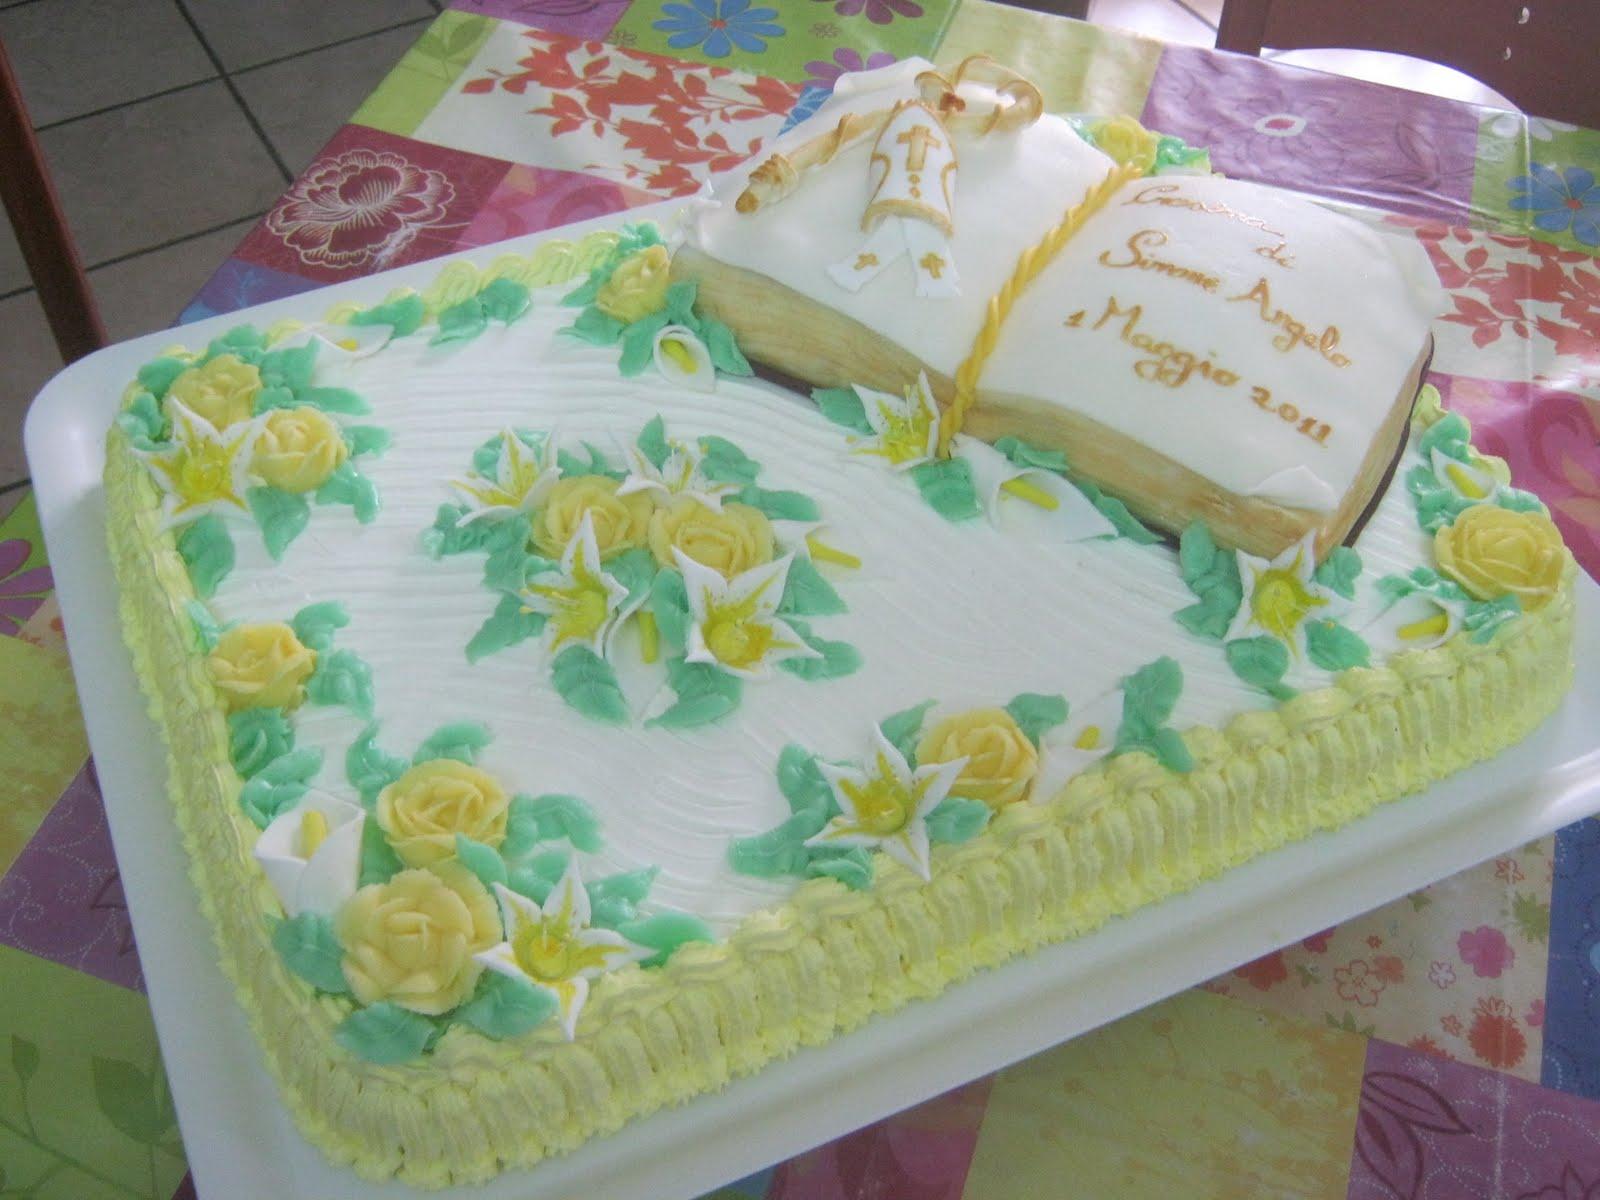 Dolcementemanu torta cresima la seconda for Decorazioni torte per cresima